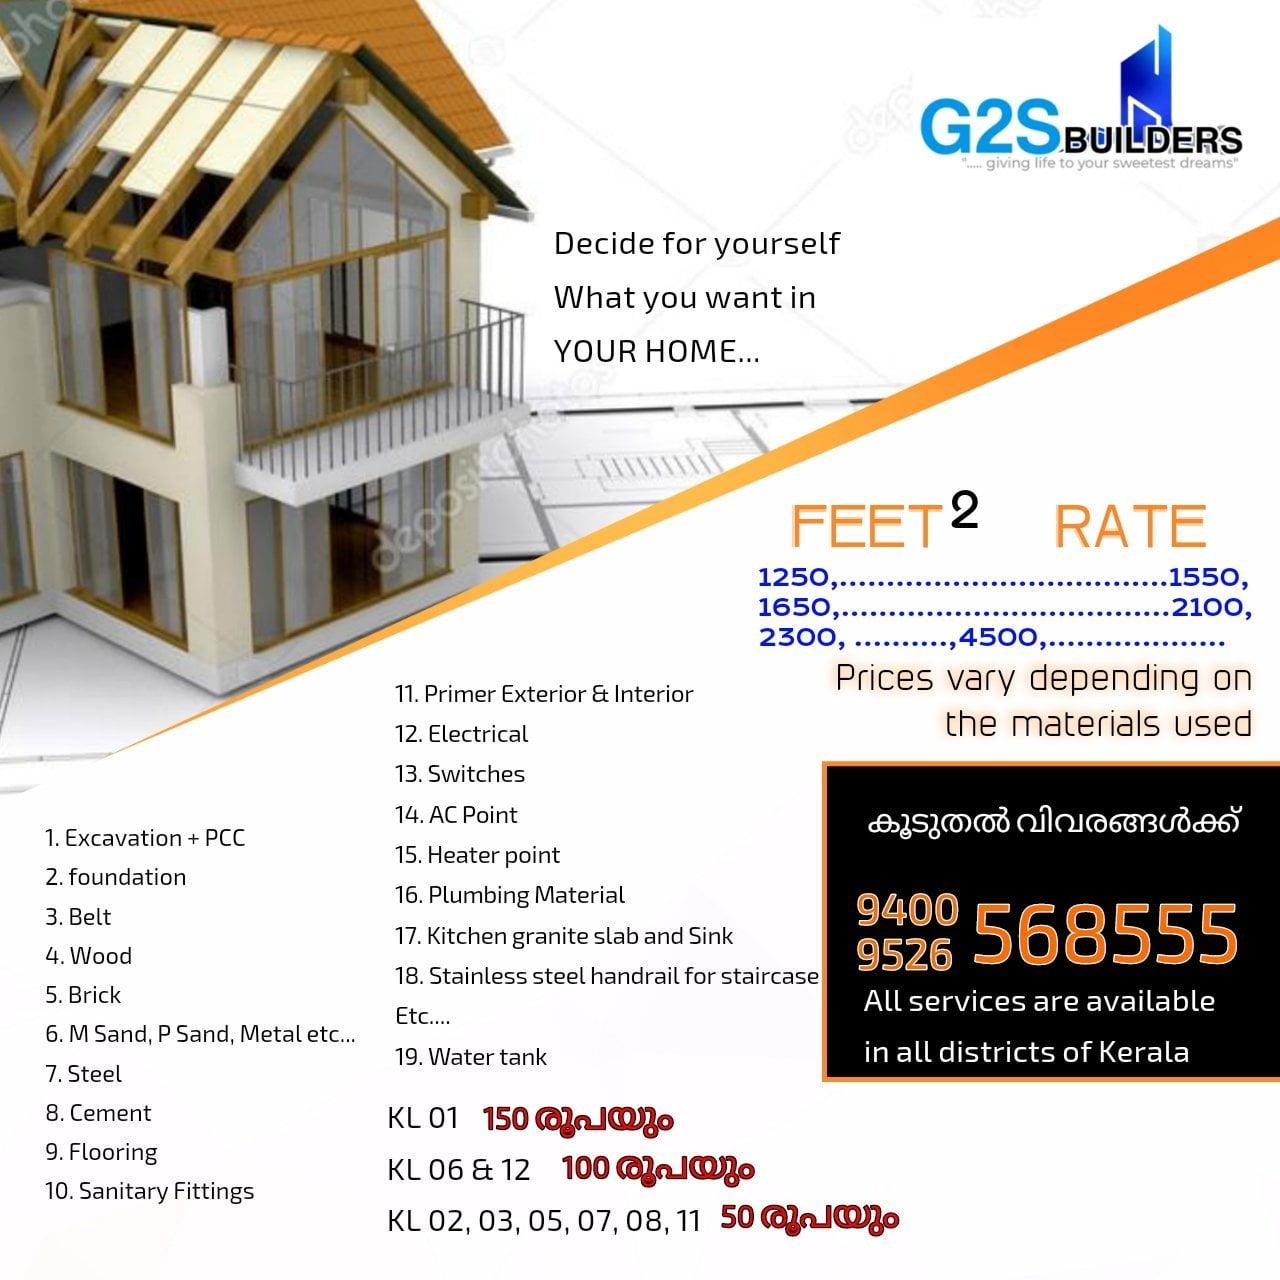 G2S Builders